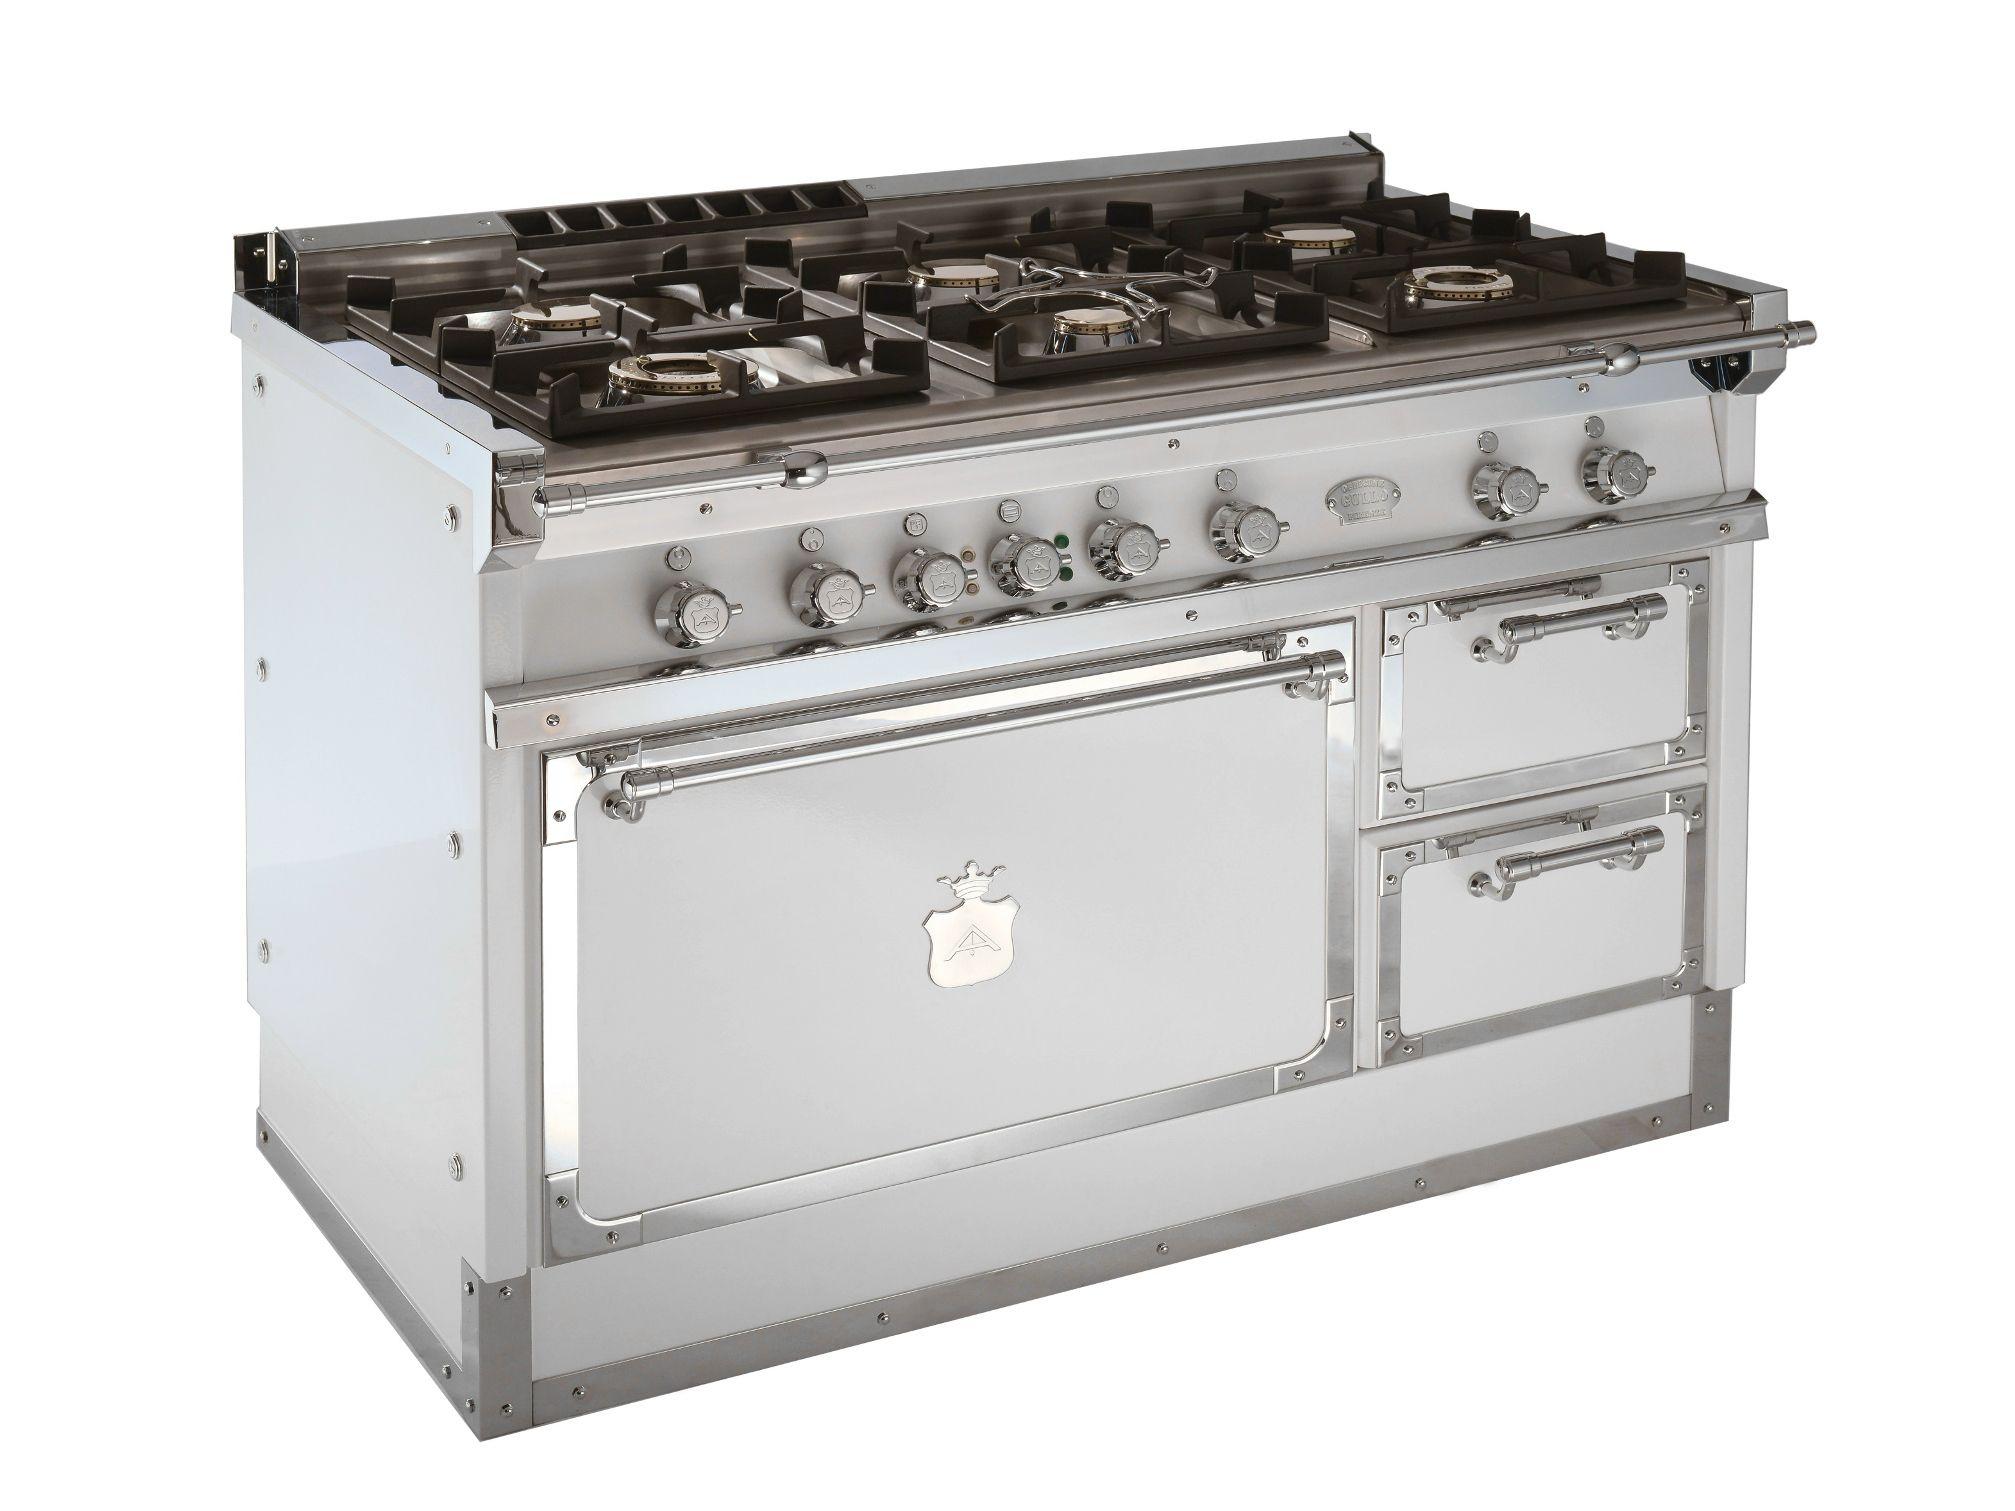 Cucina a libera installazione og128 bianco e ottone cromato by officine gullo - Officine gullo cucine prezzi ...